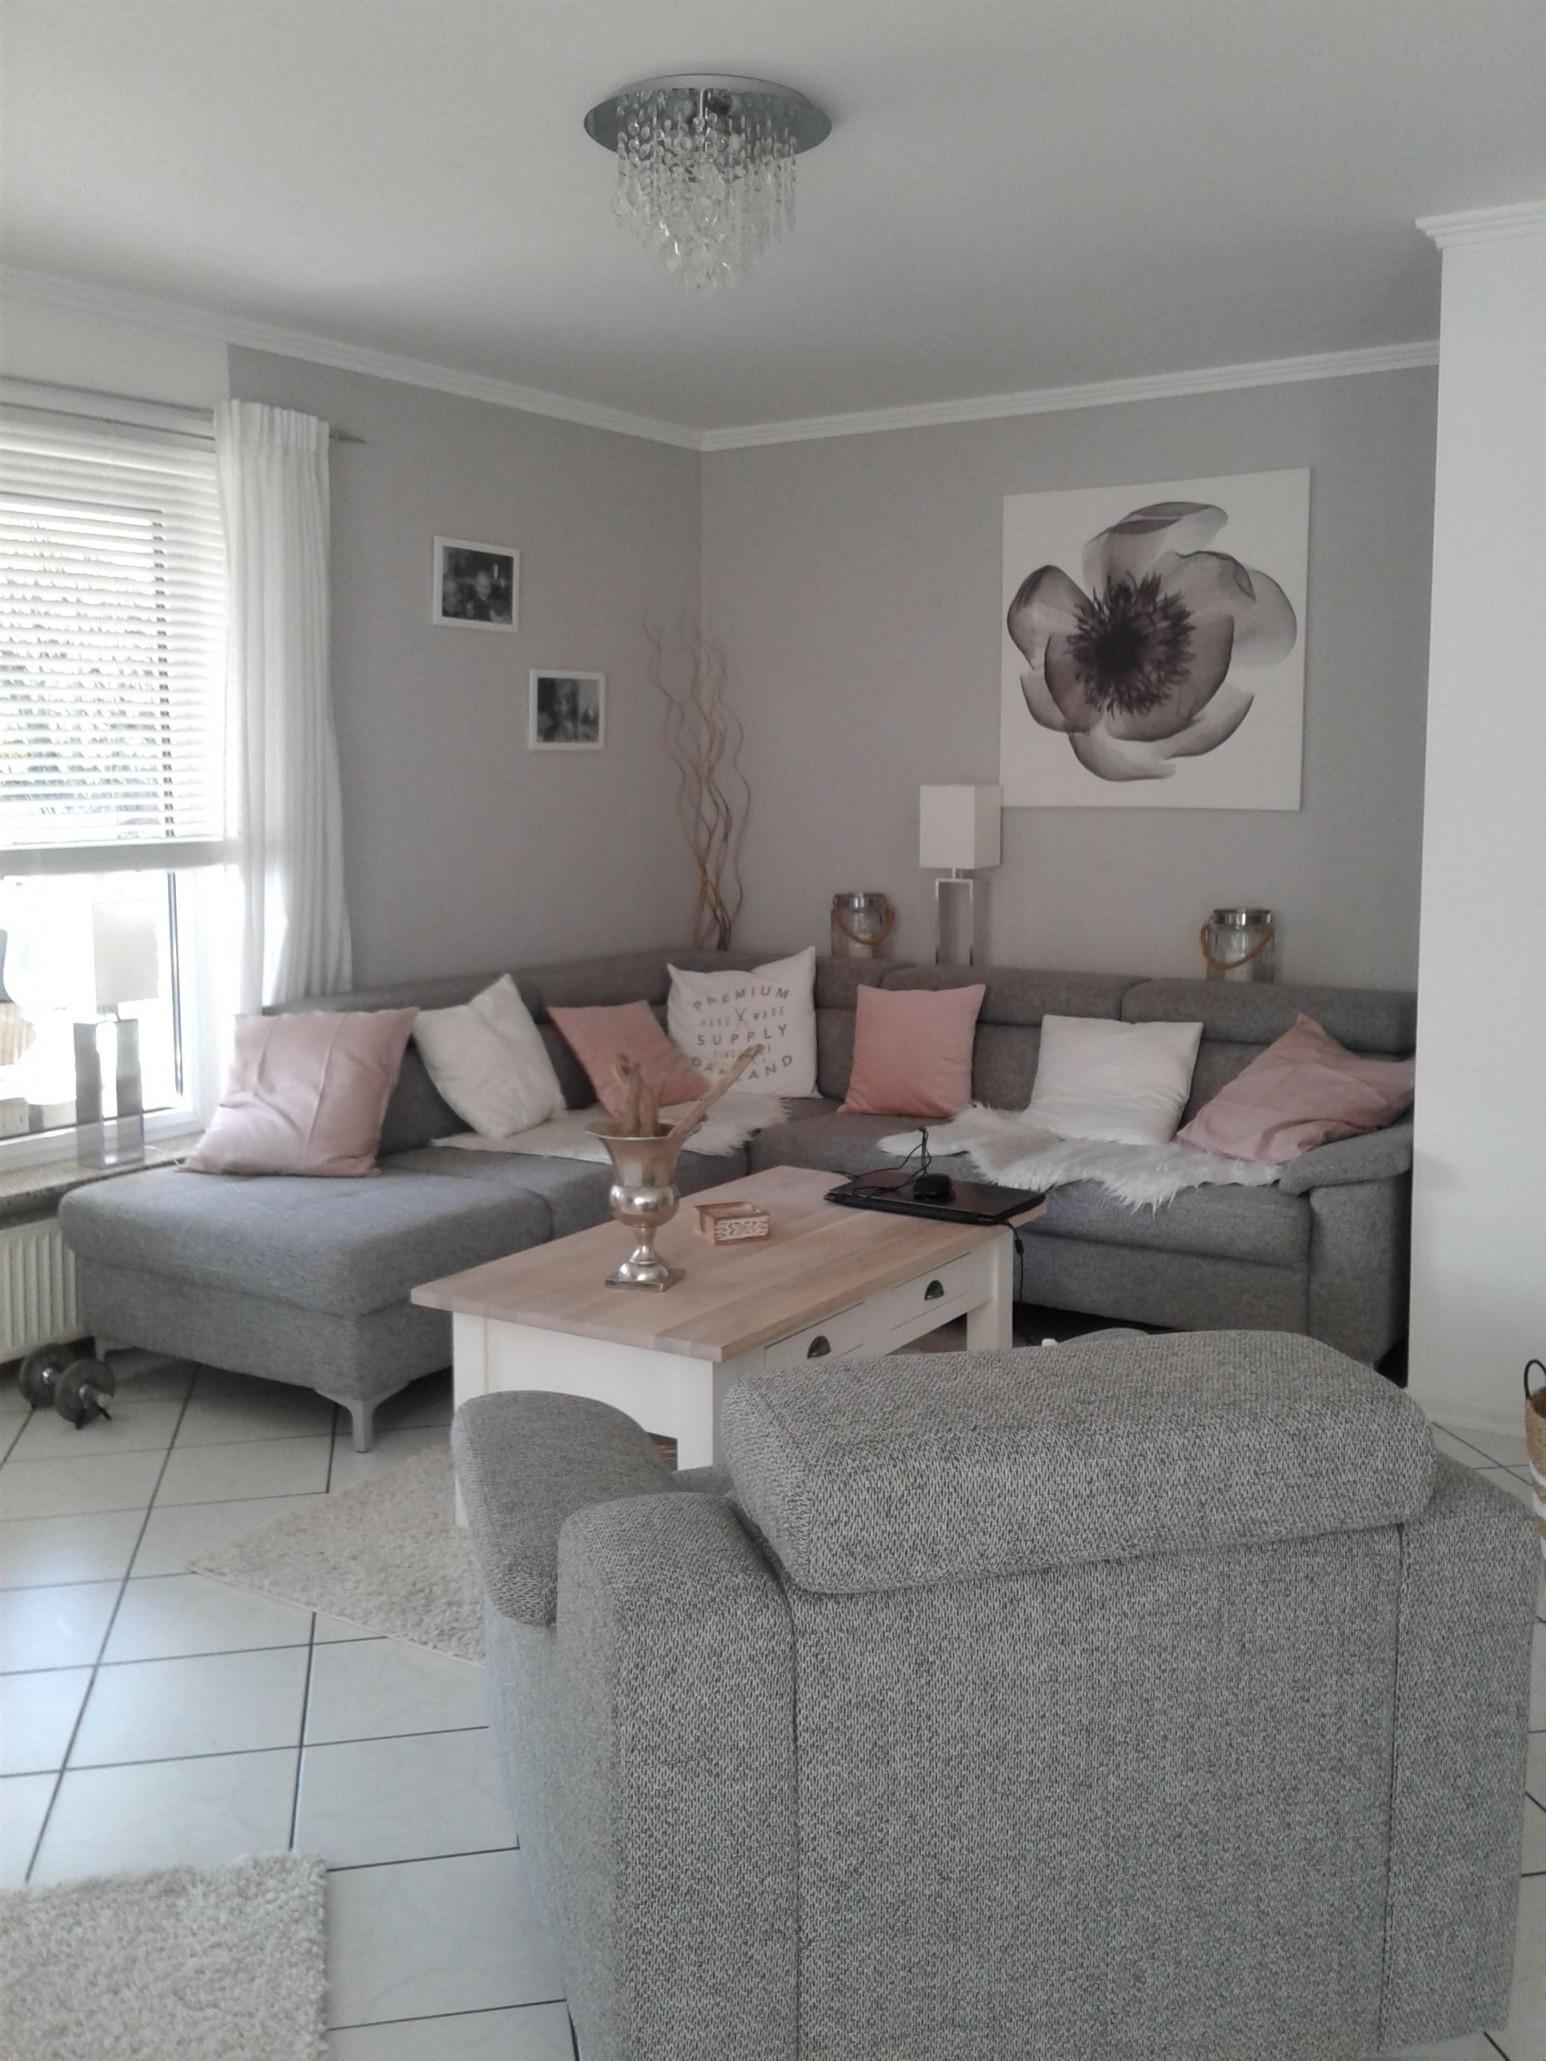 Wohnzimmer In Grau Weiß Und Farbtupfer In Matt Rosa von Wohnzimmer Gestalten Grau Photo